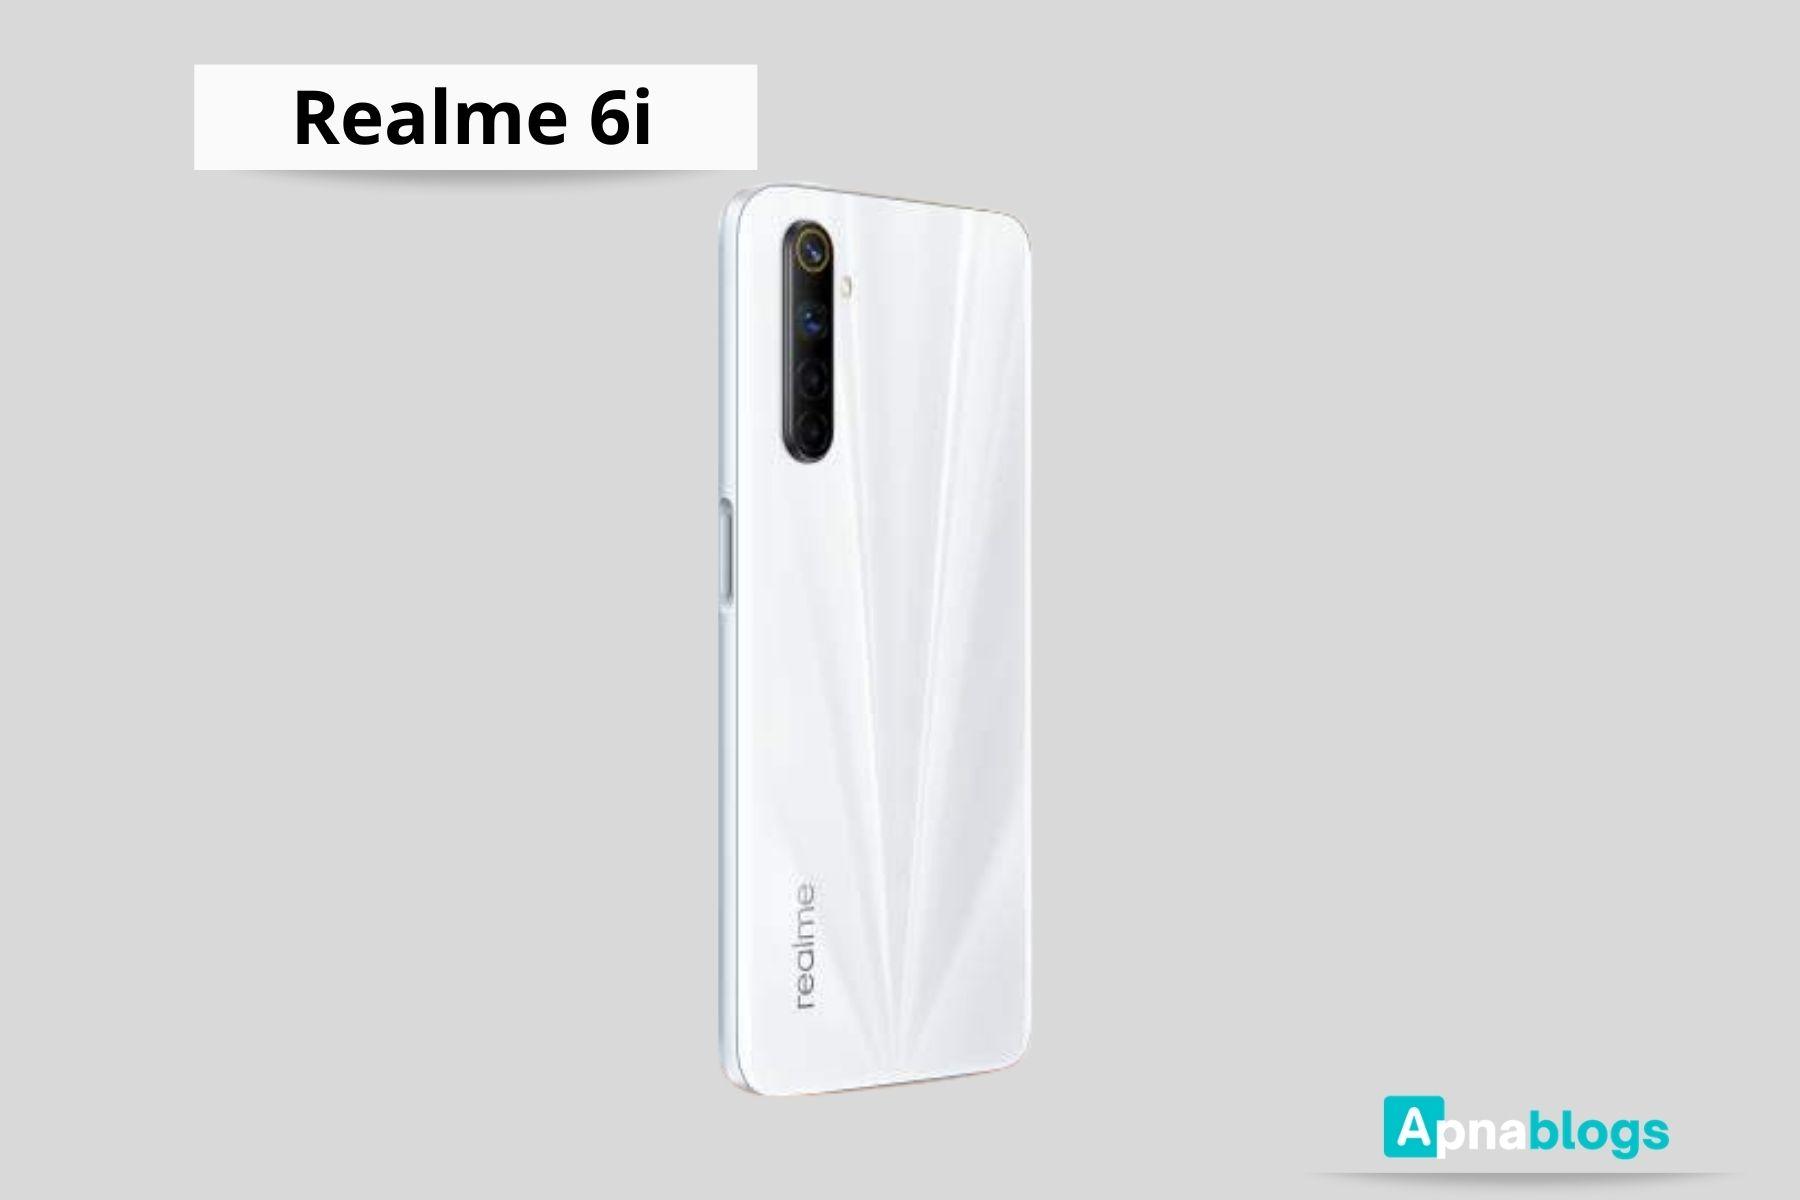 Realme 6i